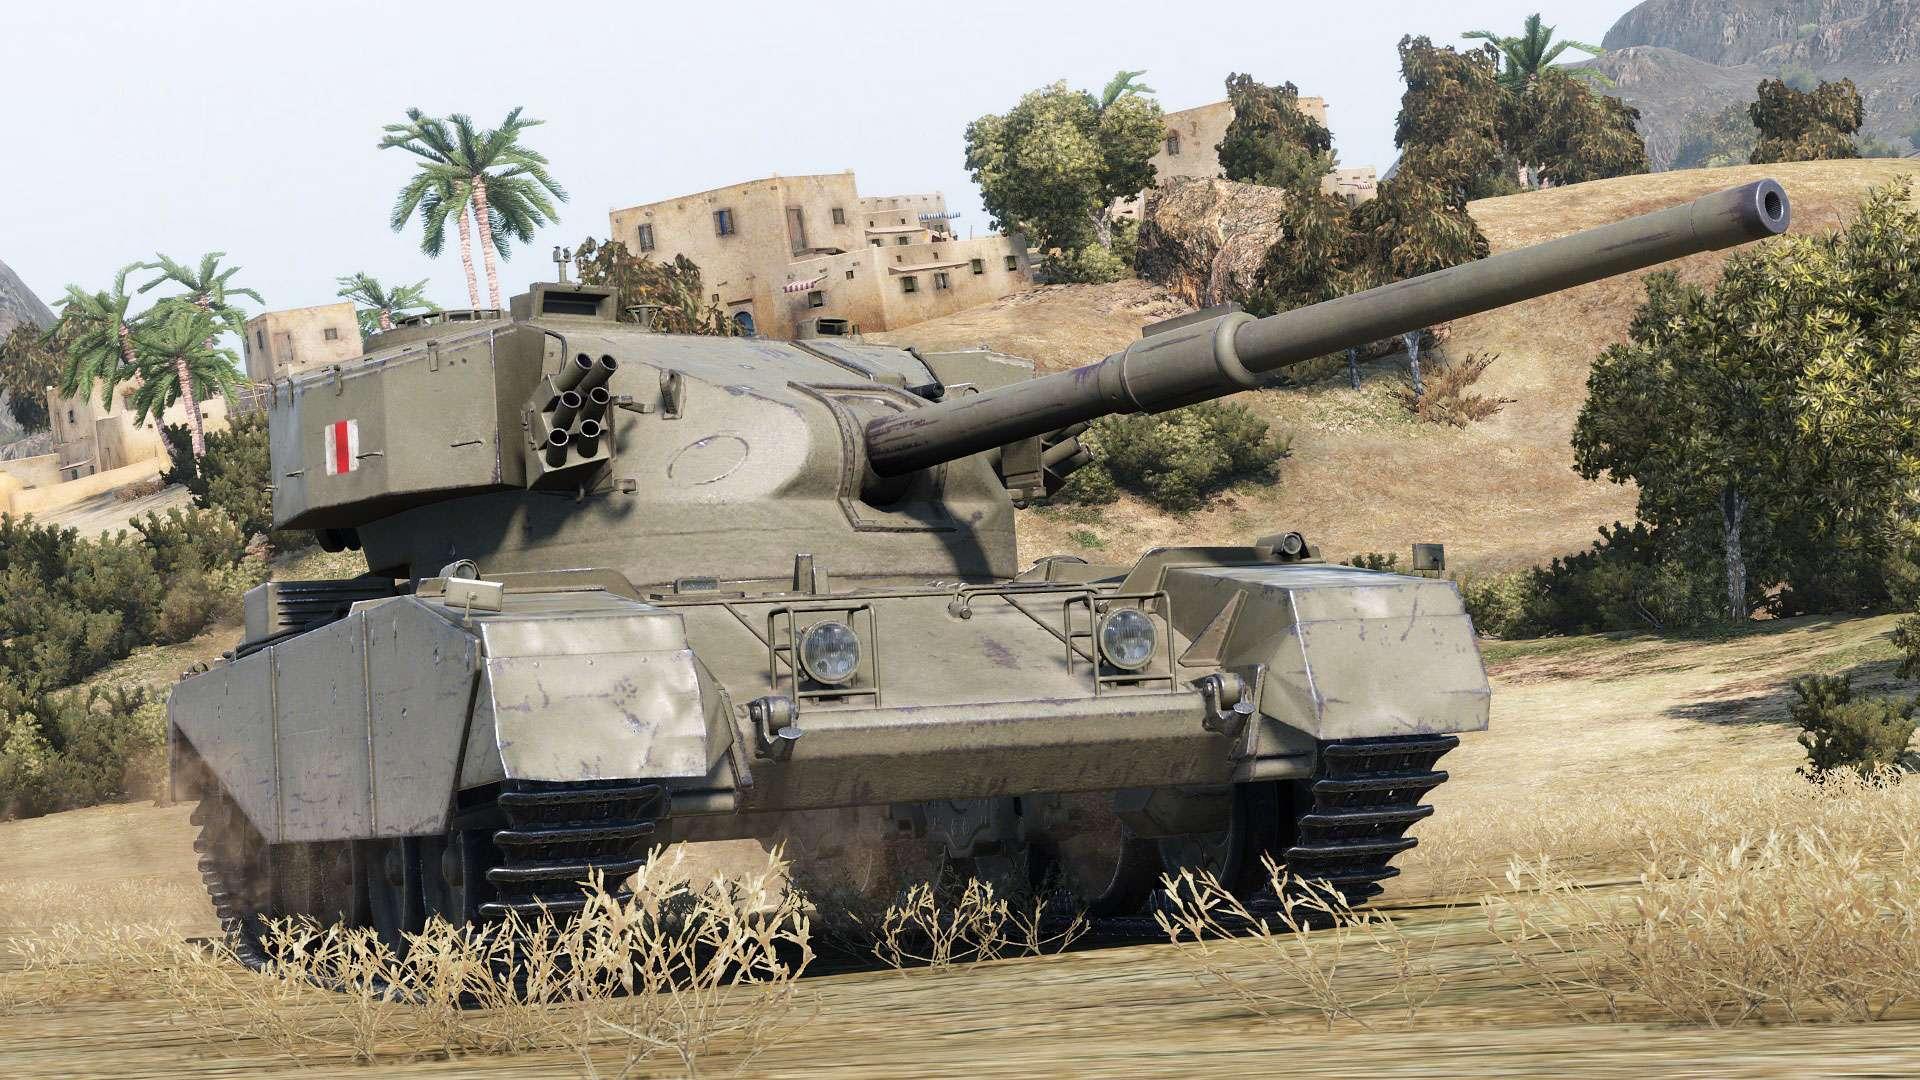 Fv4202 War Thunder